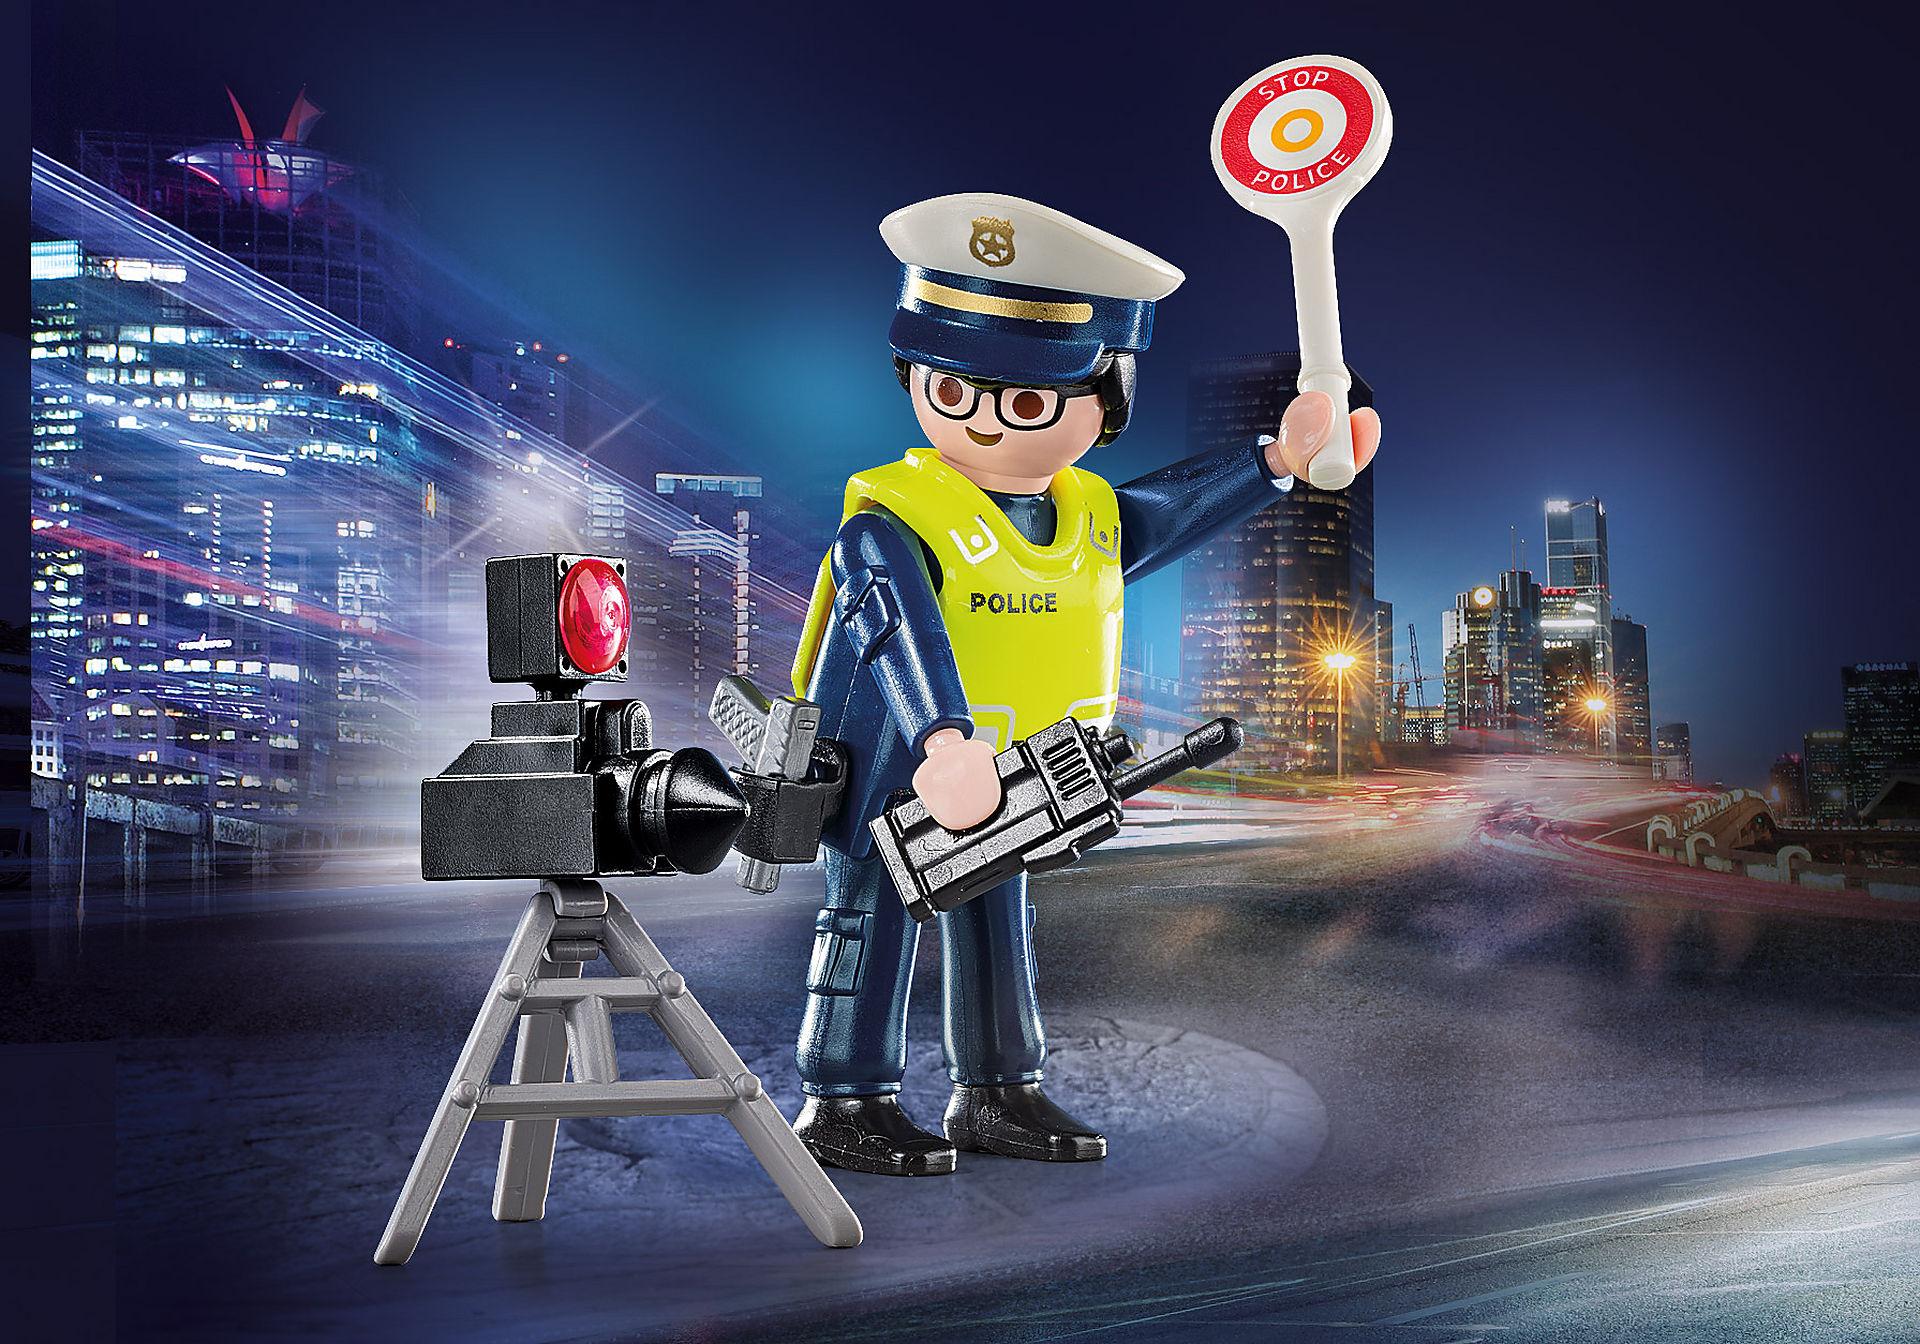 70305 Poliziotto con autovelox zoom image1